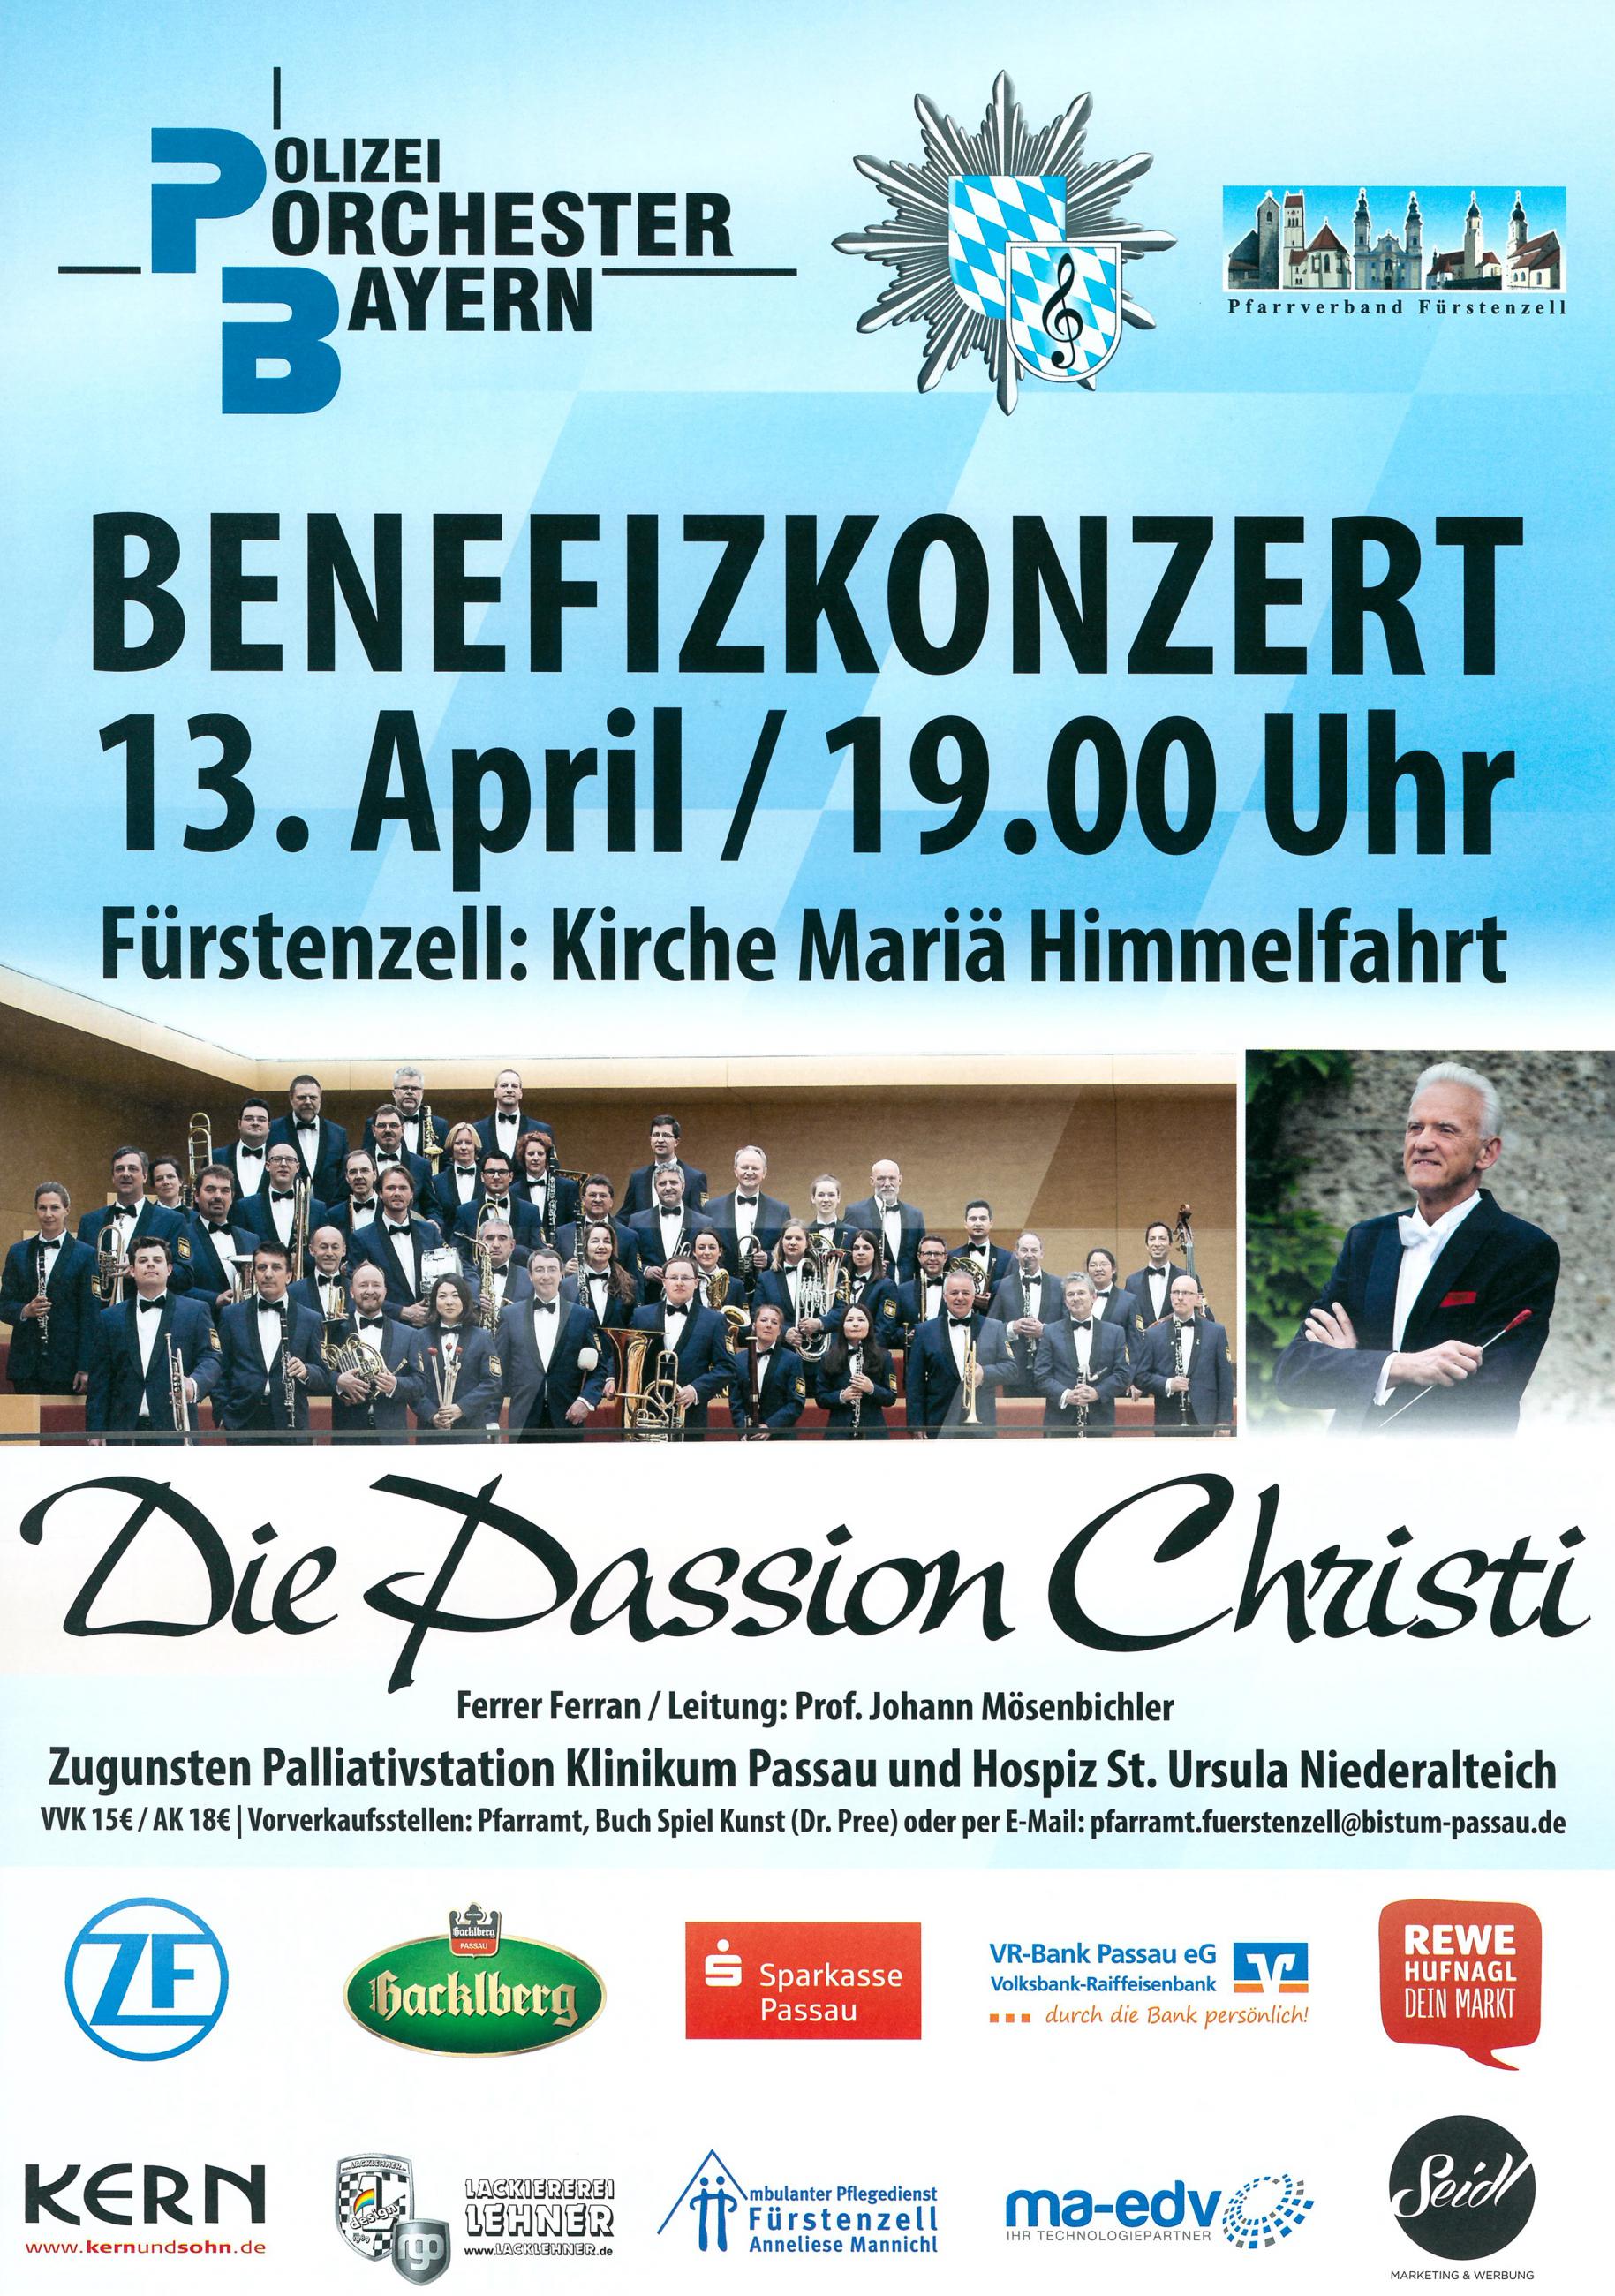 2019_termin_polizeiorchester3